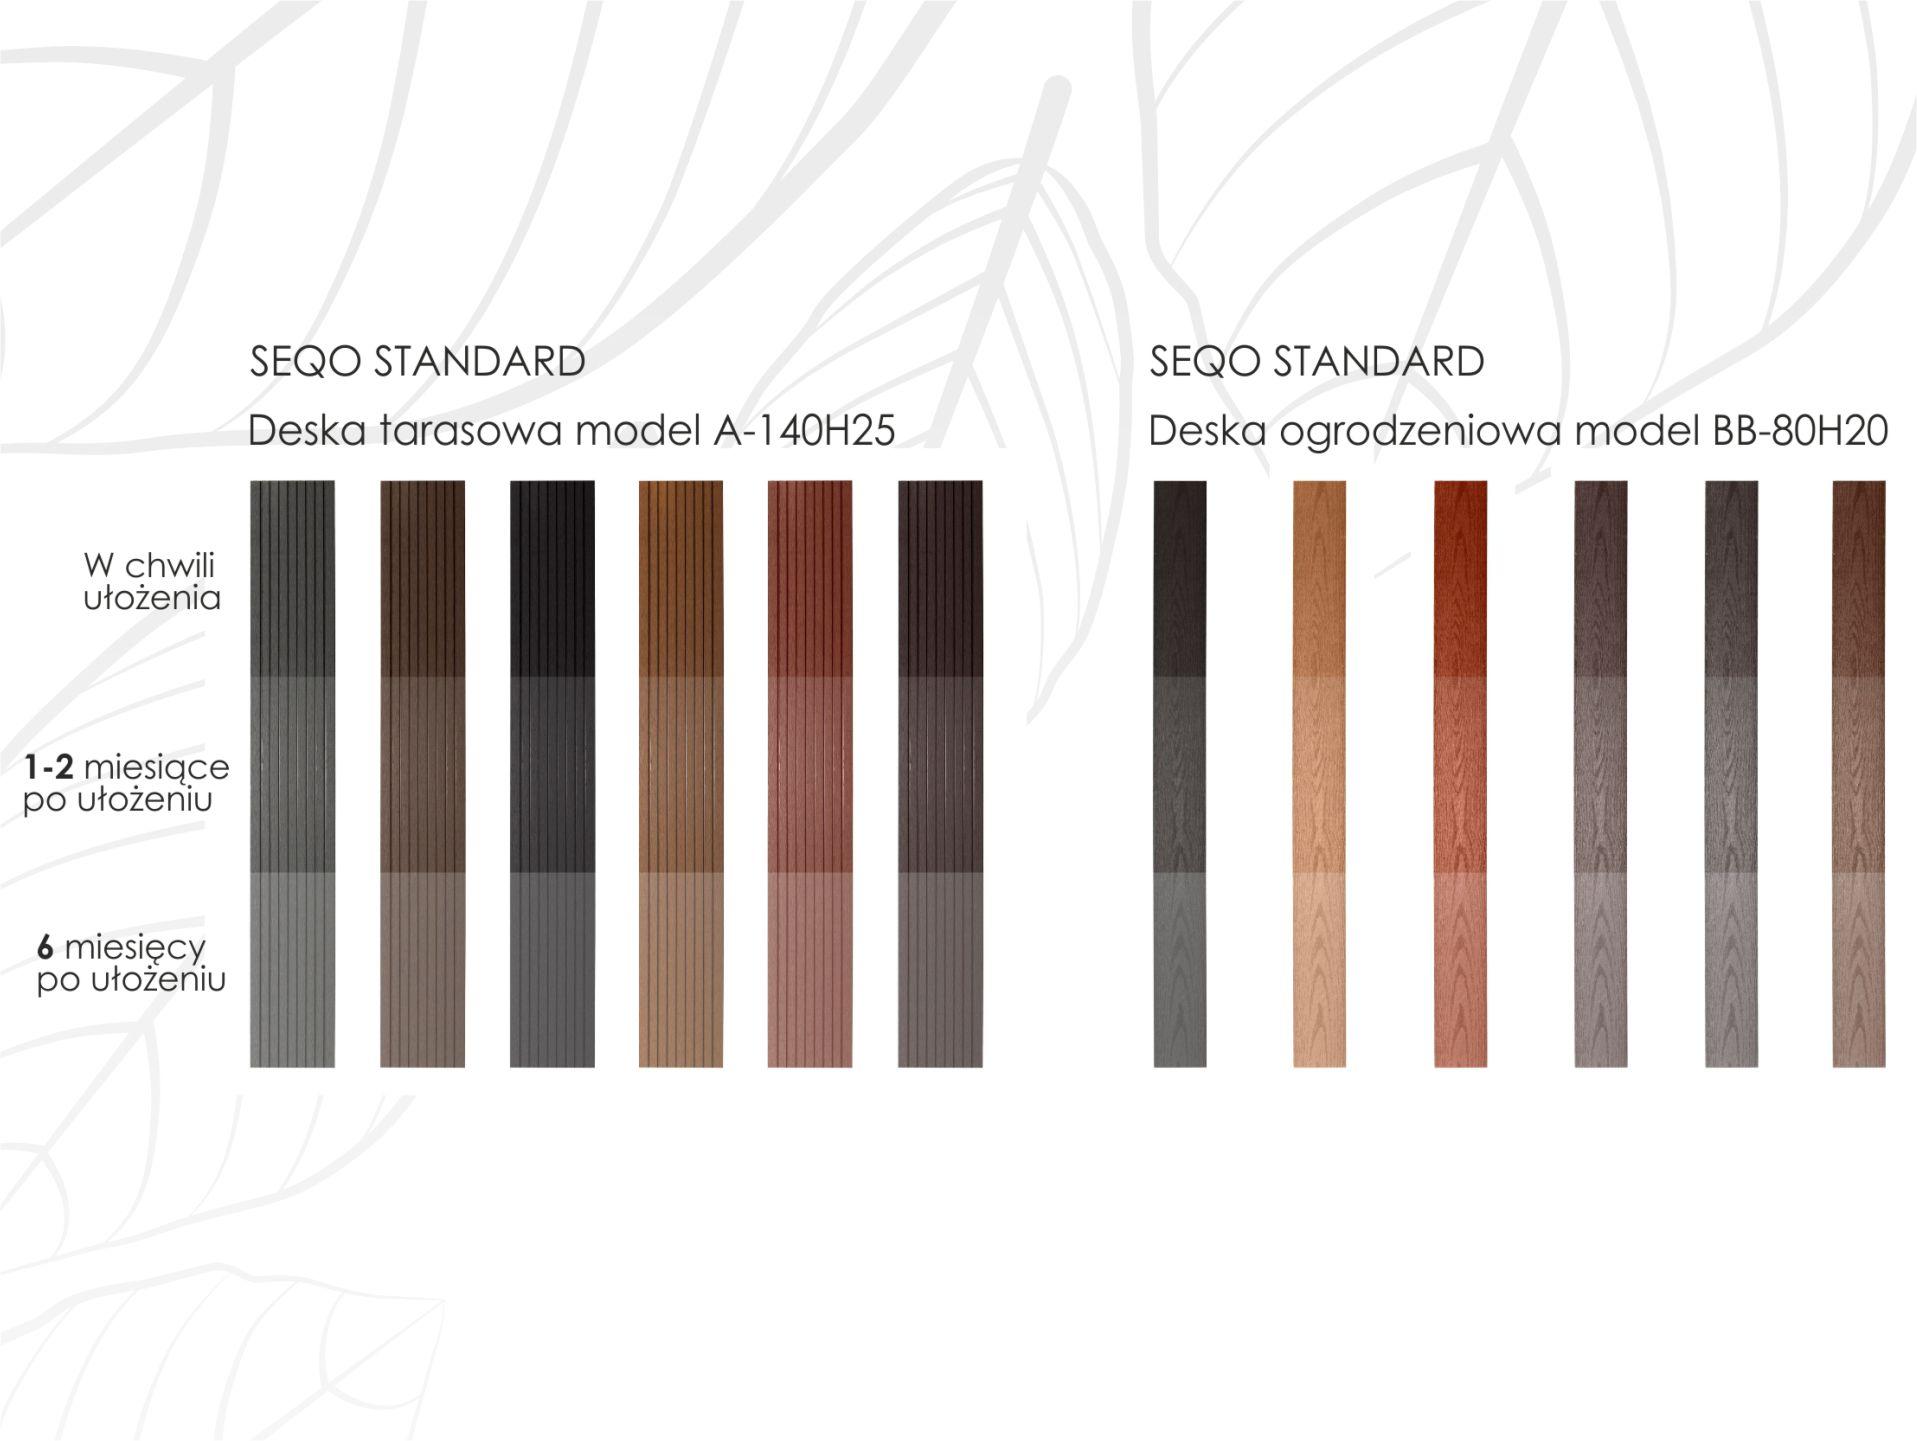 Stabilizacja kolorów desek kompozytowych SEQO